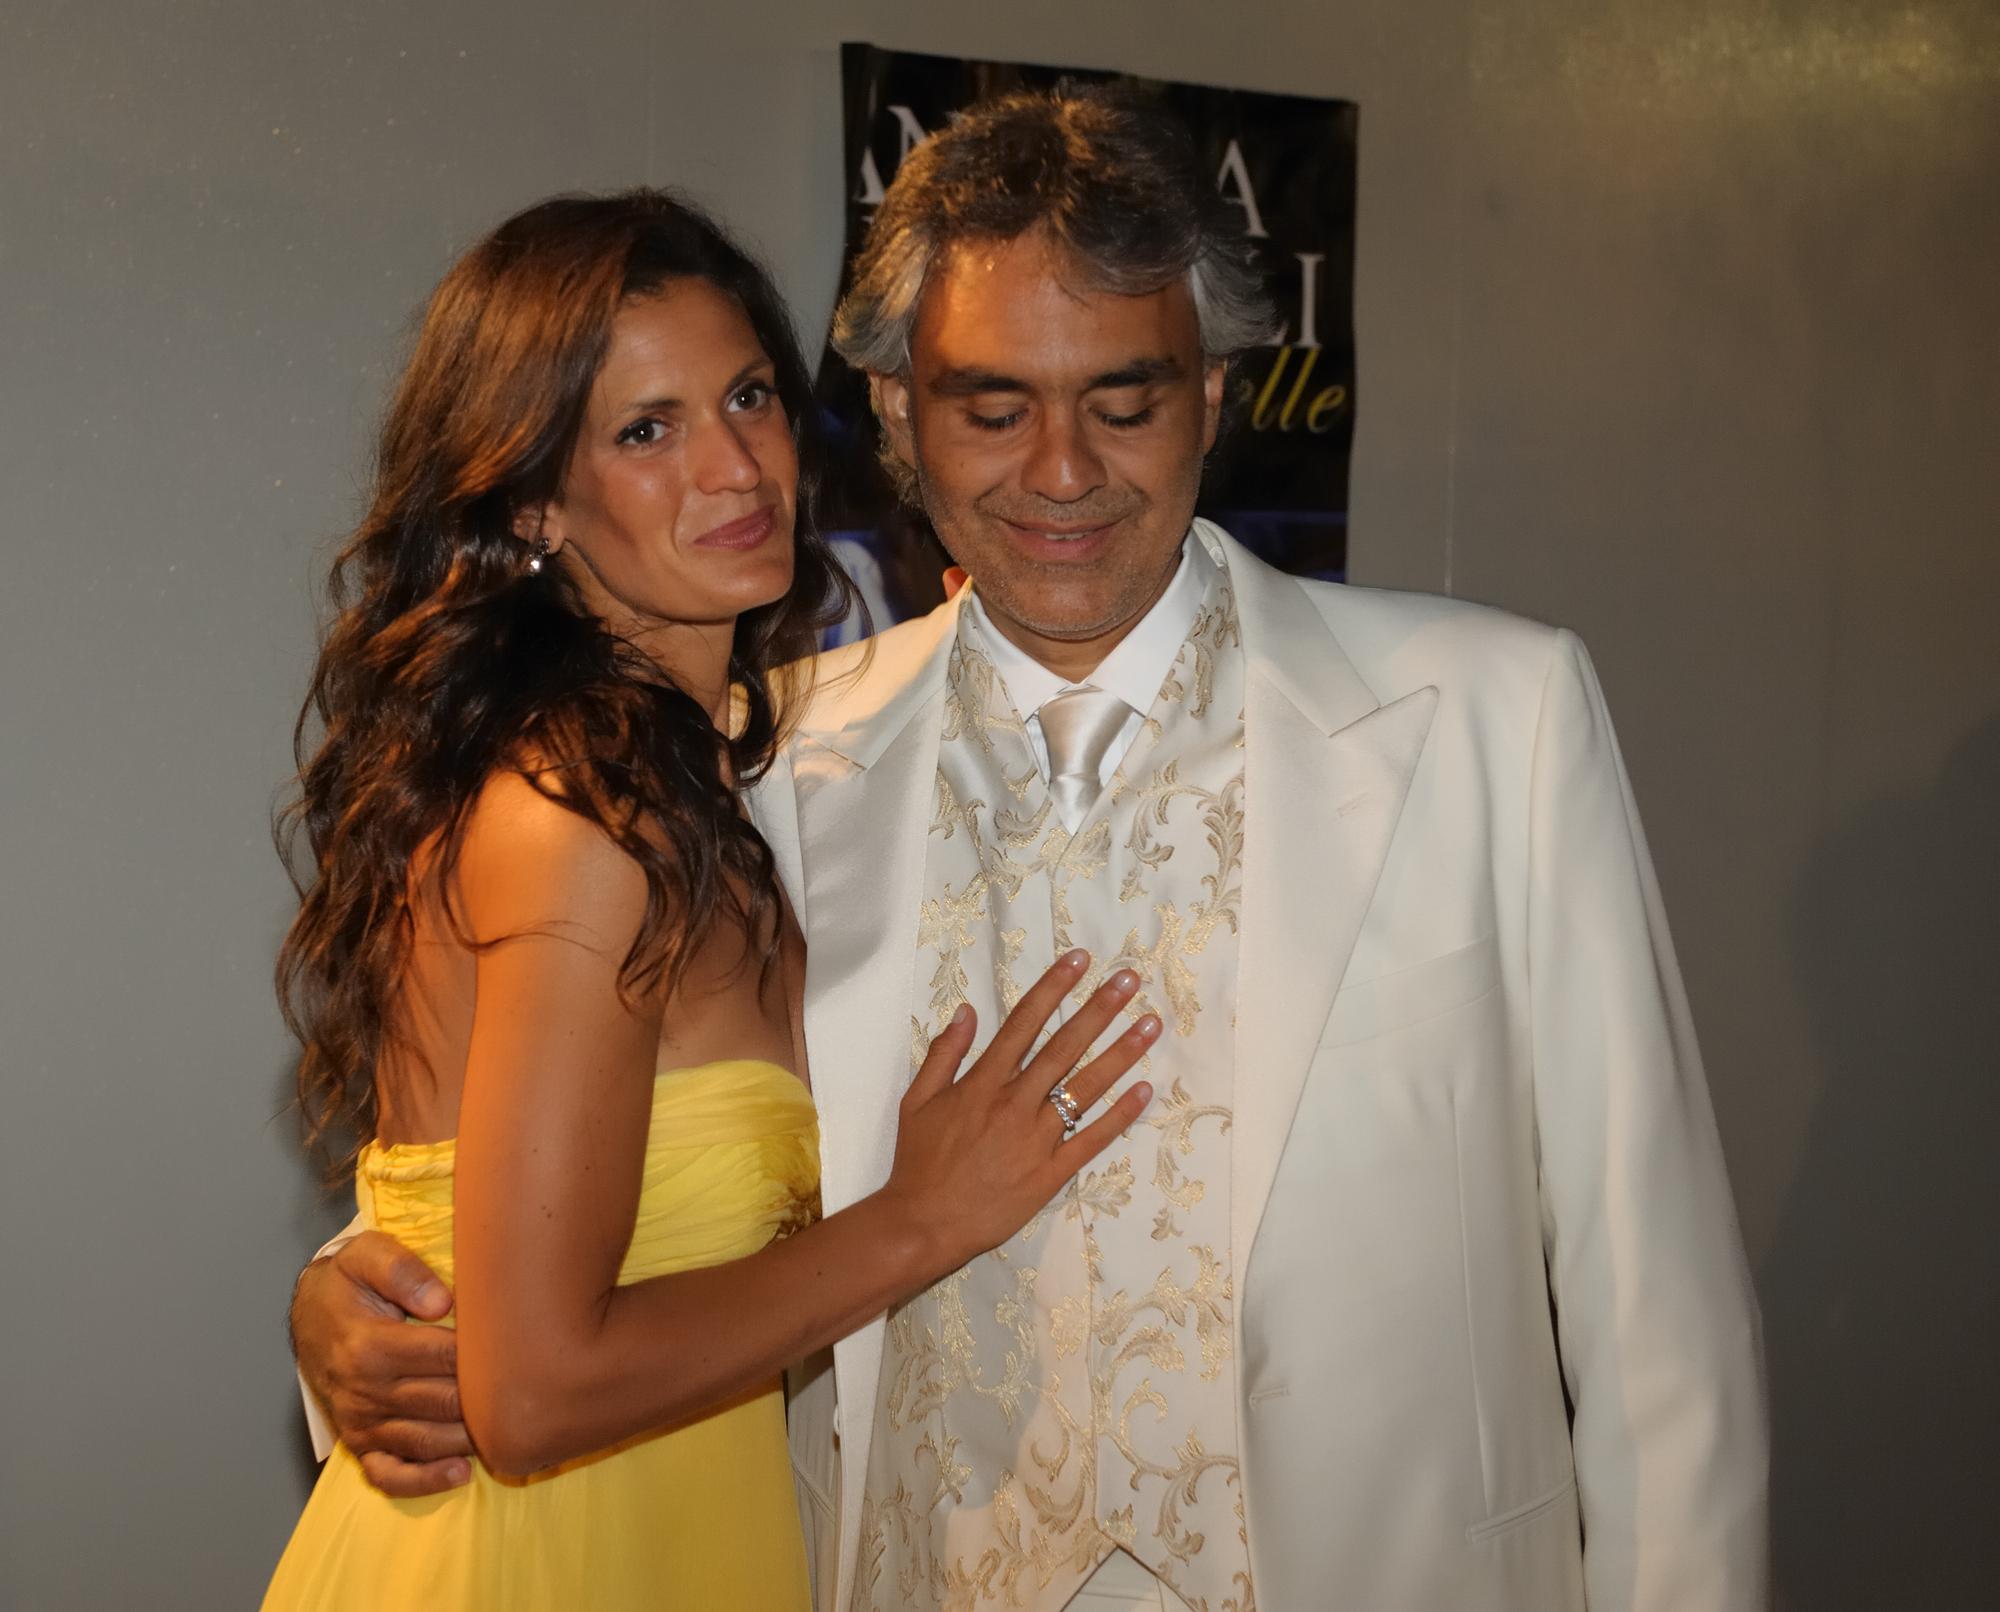 Andrea Bocelli with wife Veronica Berti